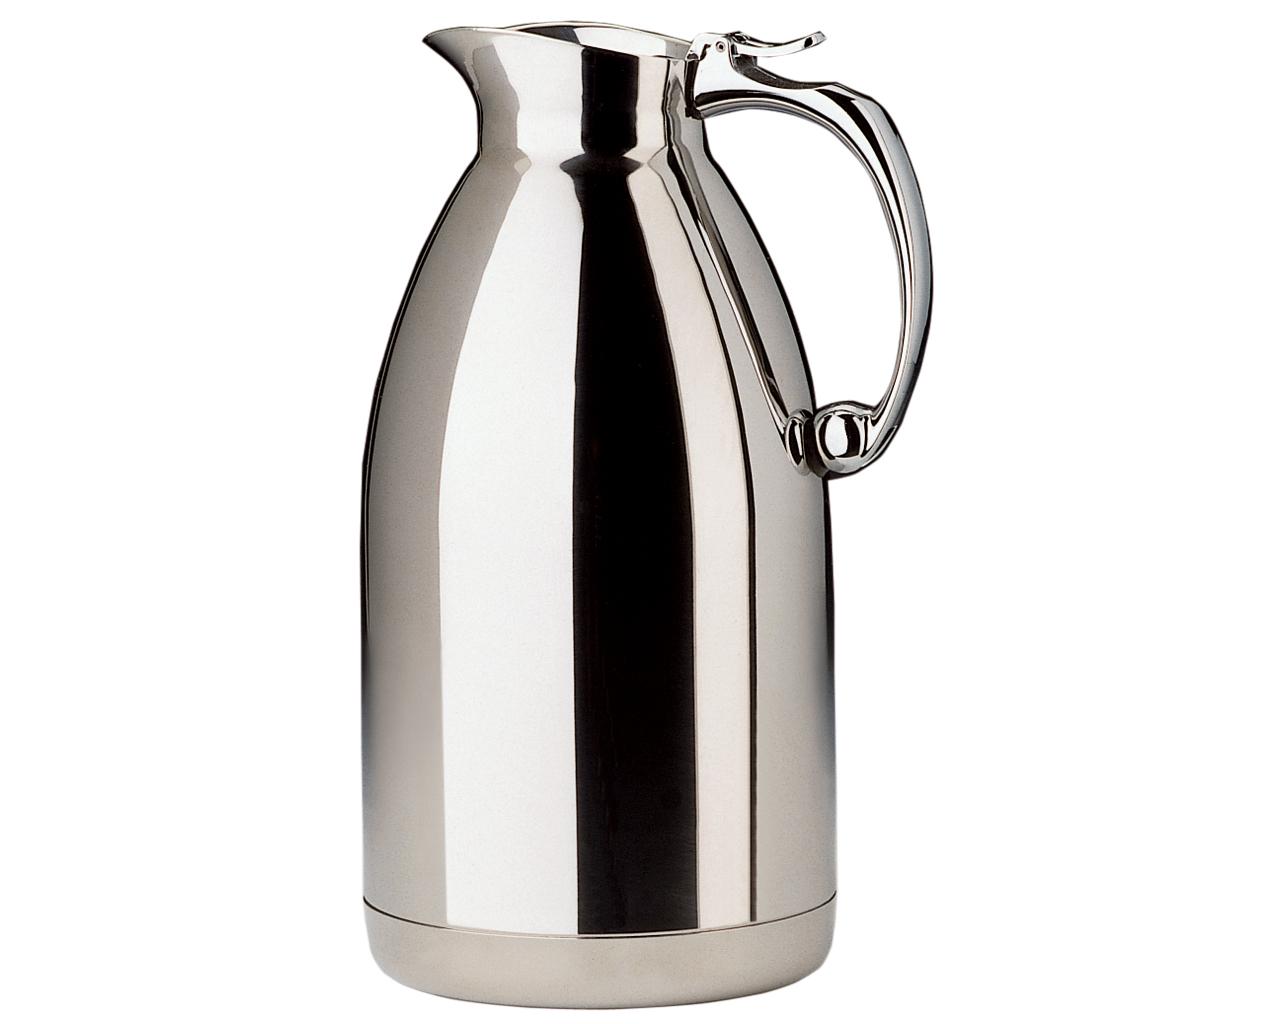 Hotello termoskanna blank stål 1,5 liter